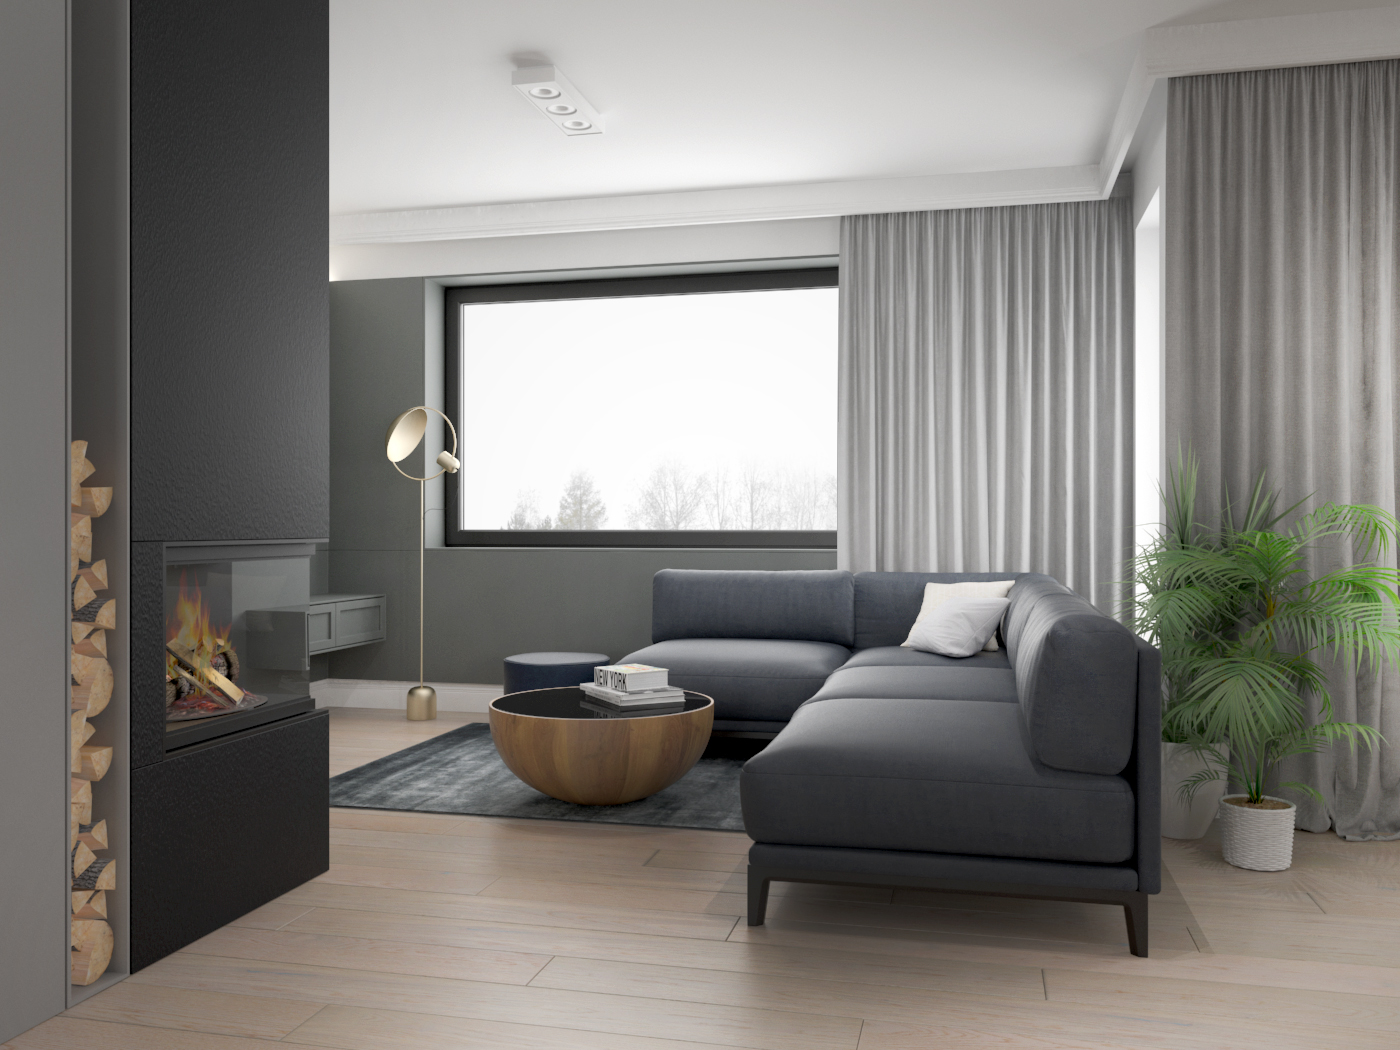 5 architek wnetrz D538 dom nowy sacz salon kominek narozna sofa drewniana podloga